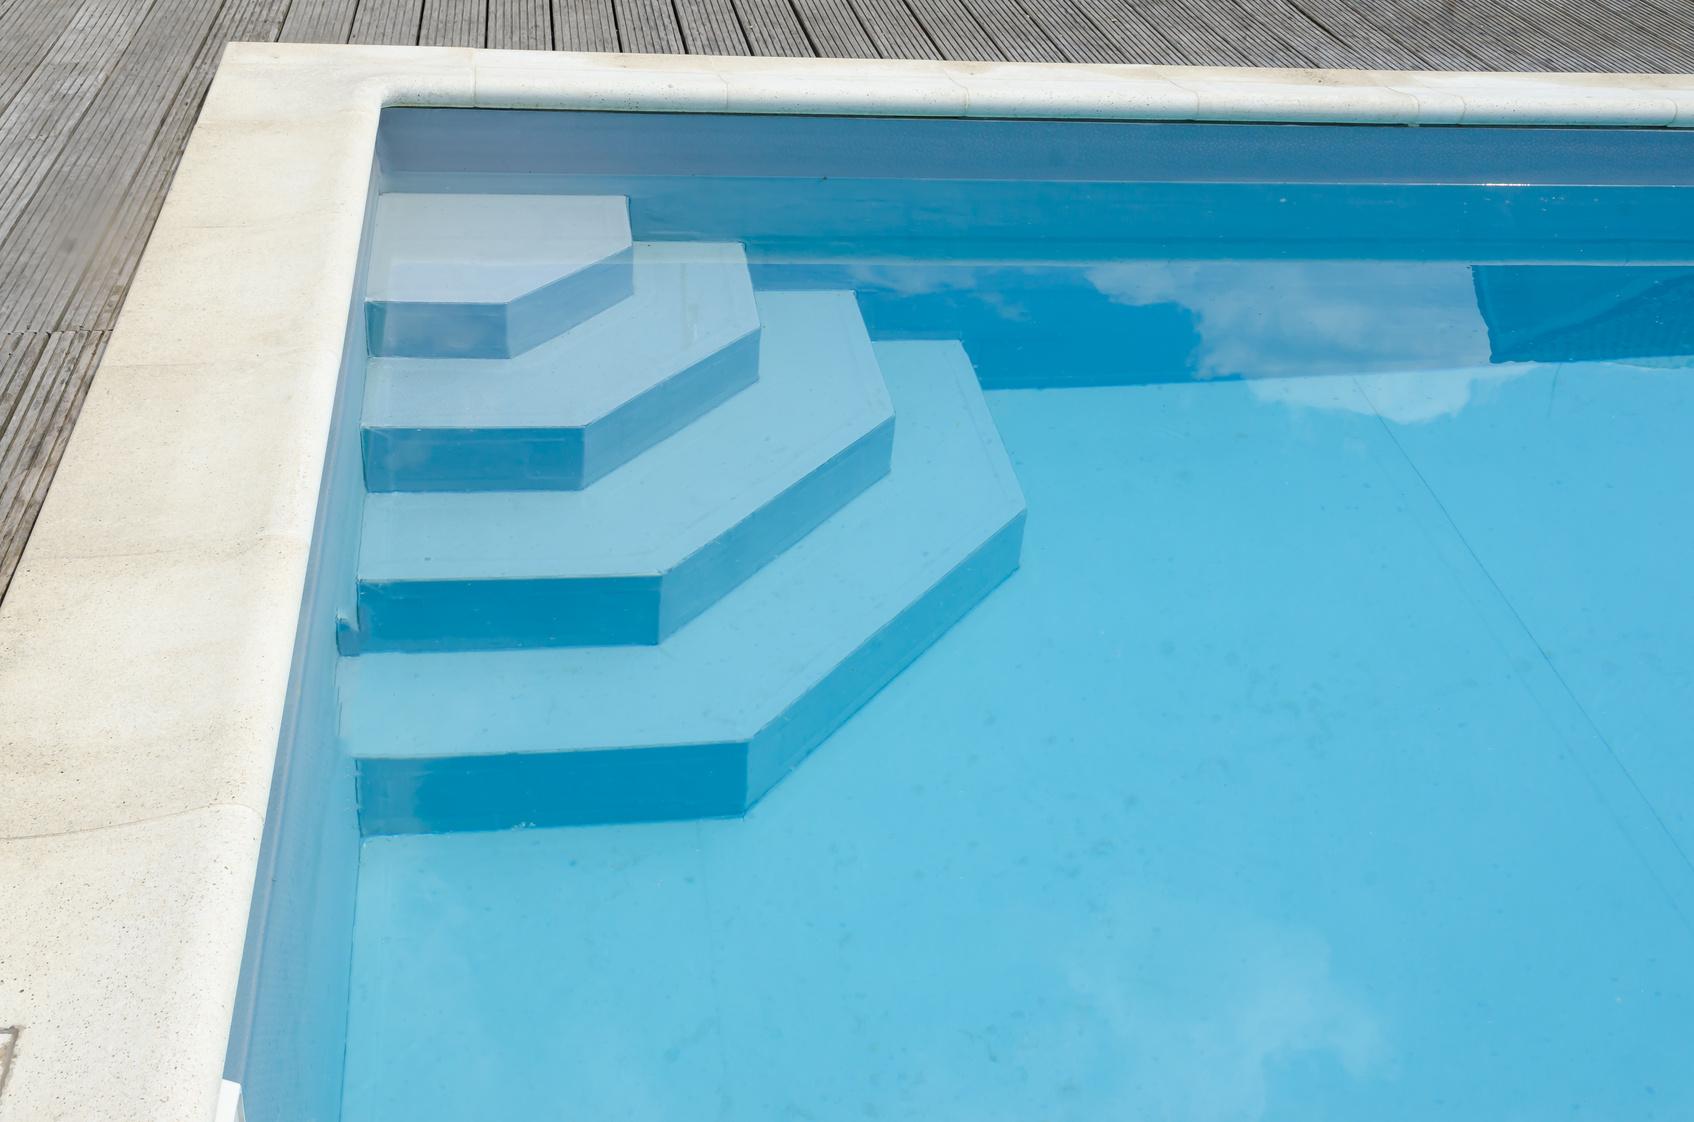 Peinture pour piscine choisir et r ussir la peinture de sa for Sika peinture piscine